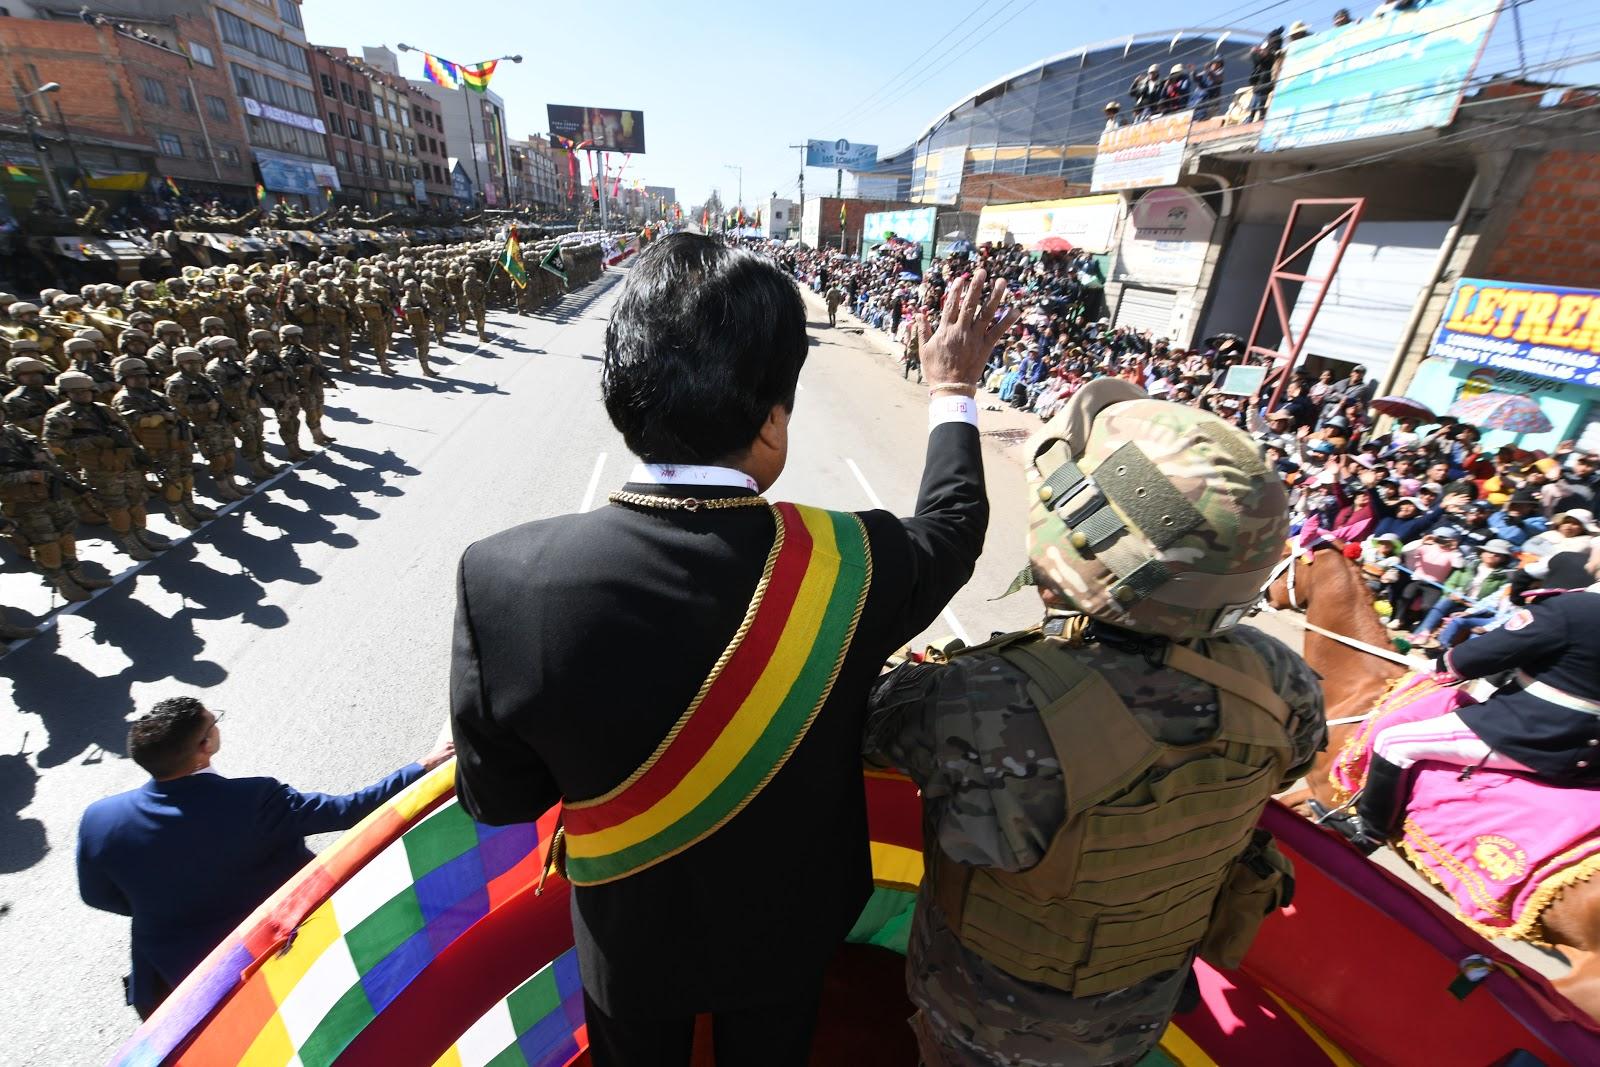 Kaliman con uniforme camuflado, acompañando a Morales durante la Parada Militar del miércoles en El Alto / ABI